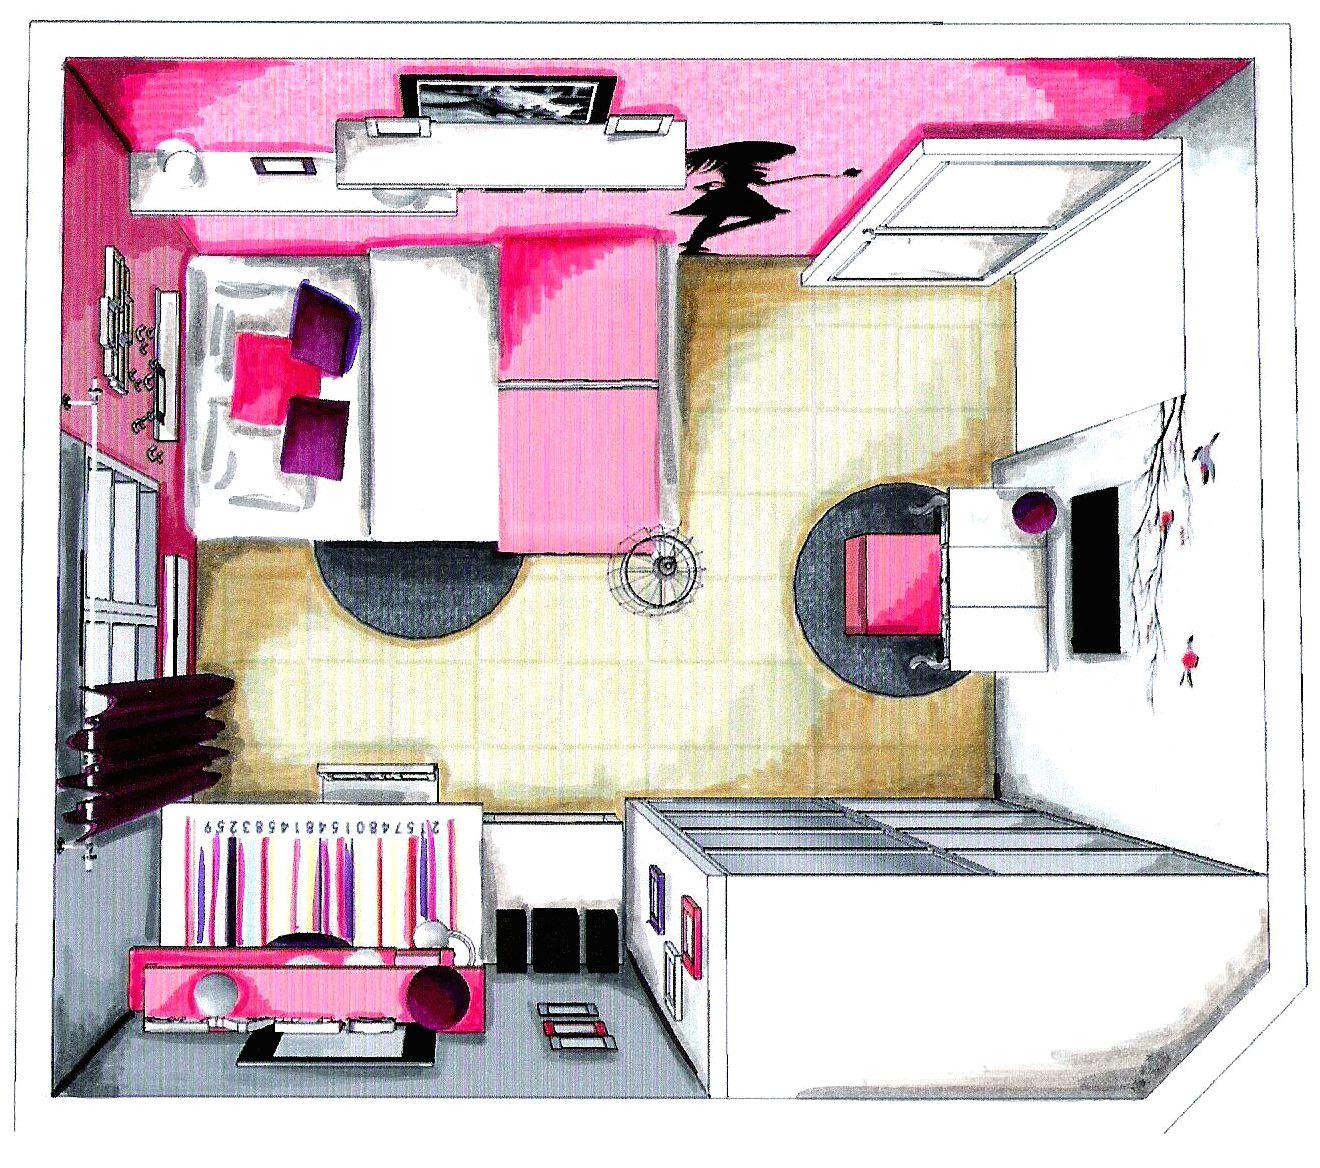 Aménagement et décoration - Chambre ado fille - 4 usages : canapé ...